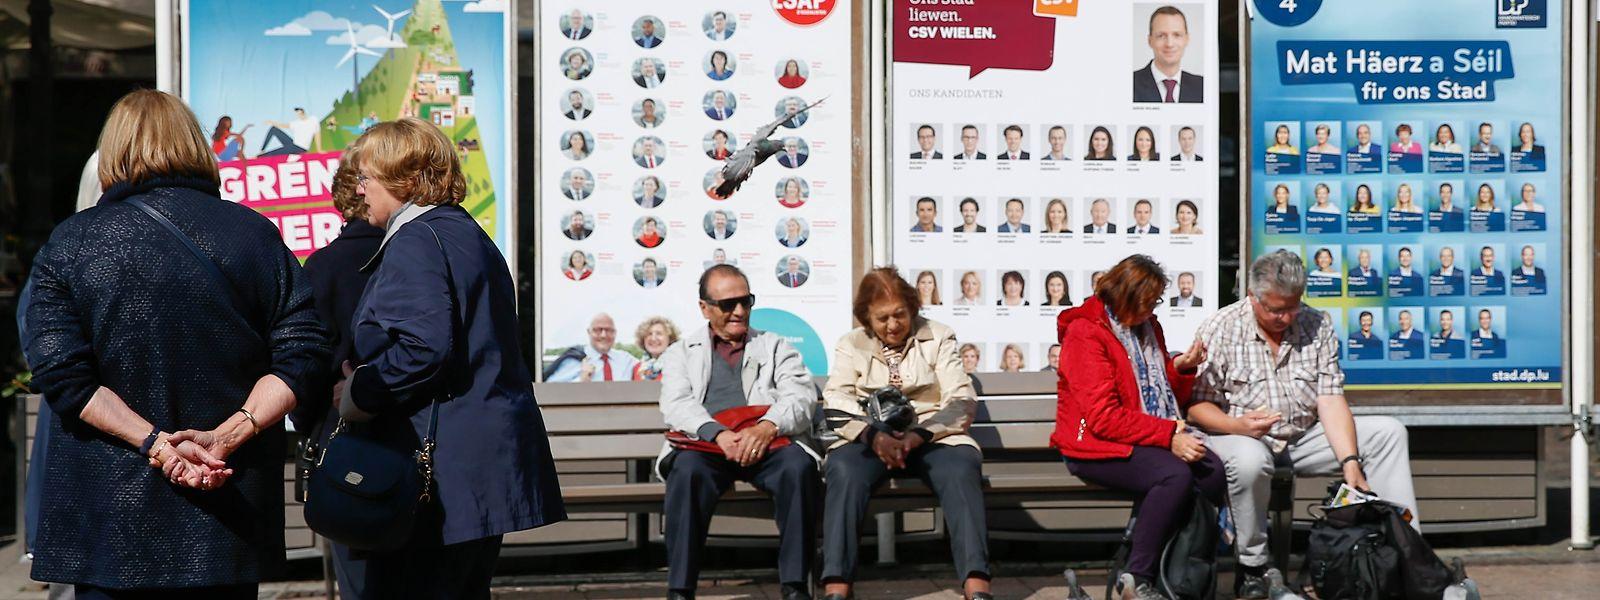 3.575 Kandidaten haben sich am 8. Oktober den Wählern gestellt. Nun werden die neuen Schöffenräte gebildet.